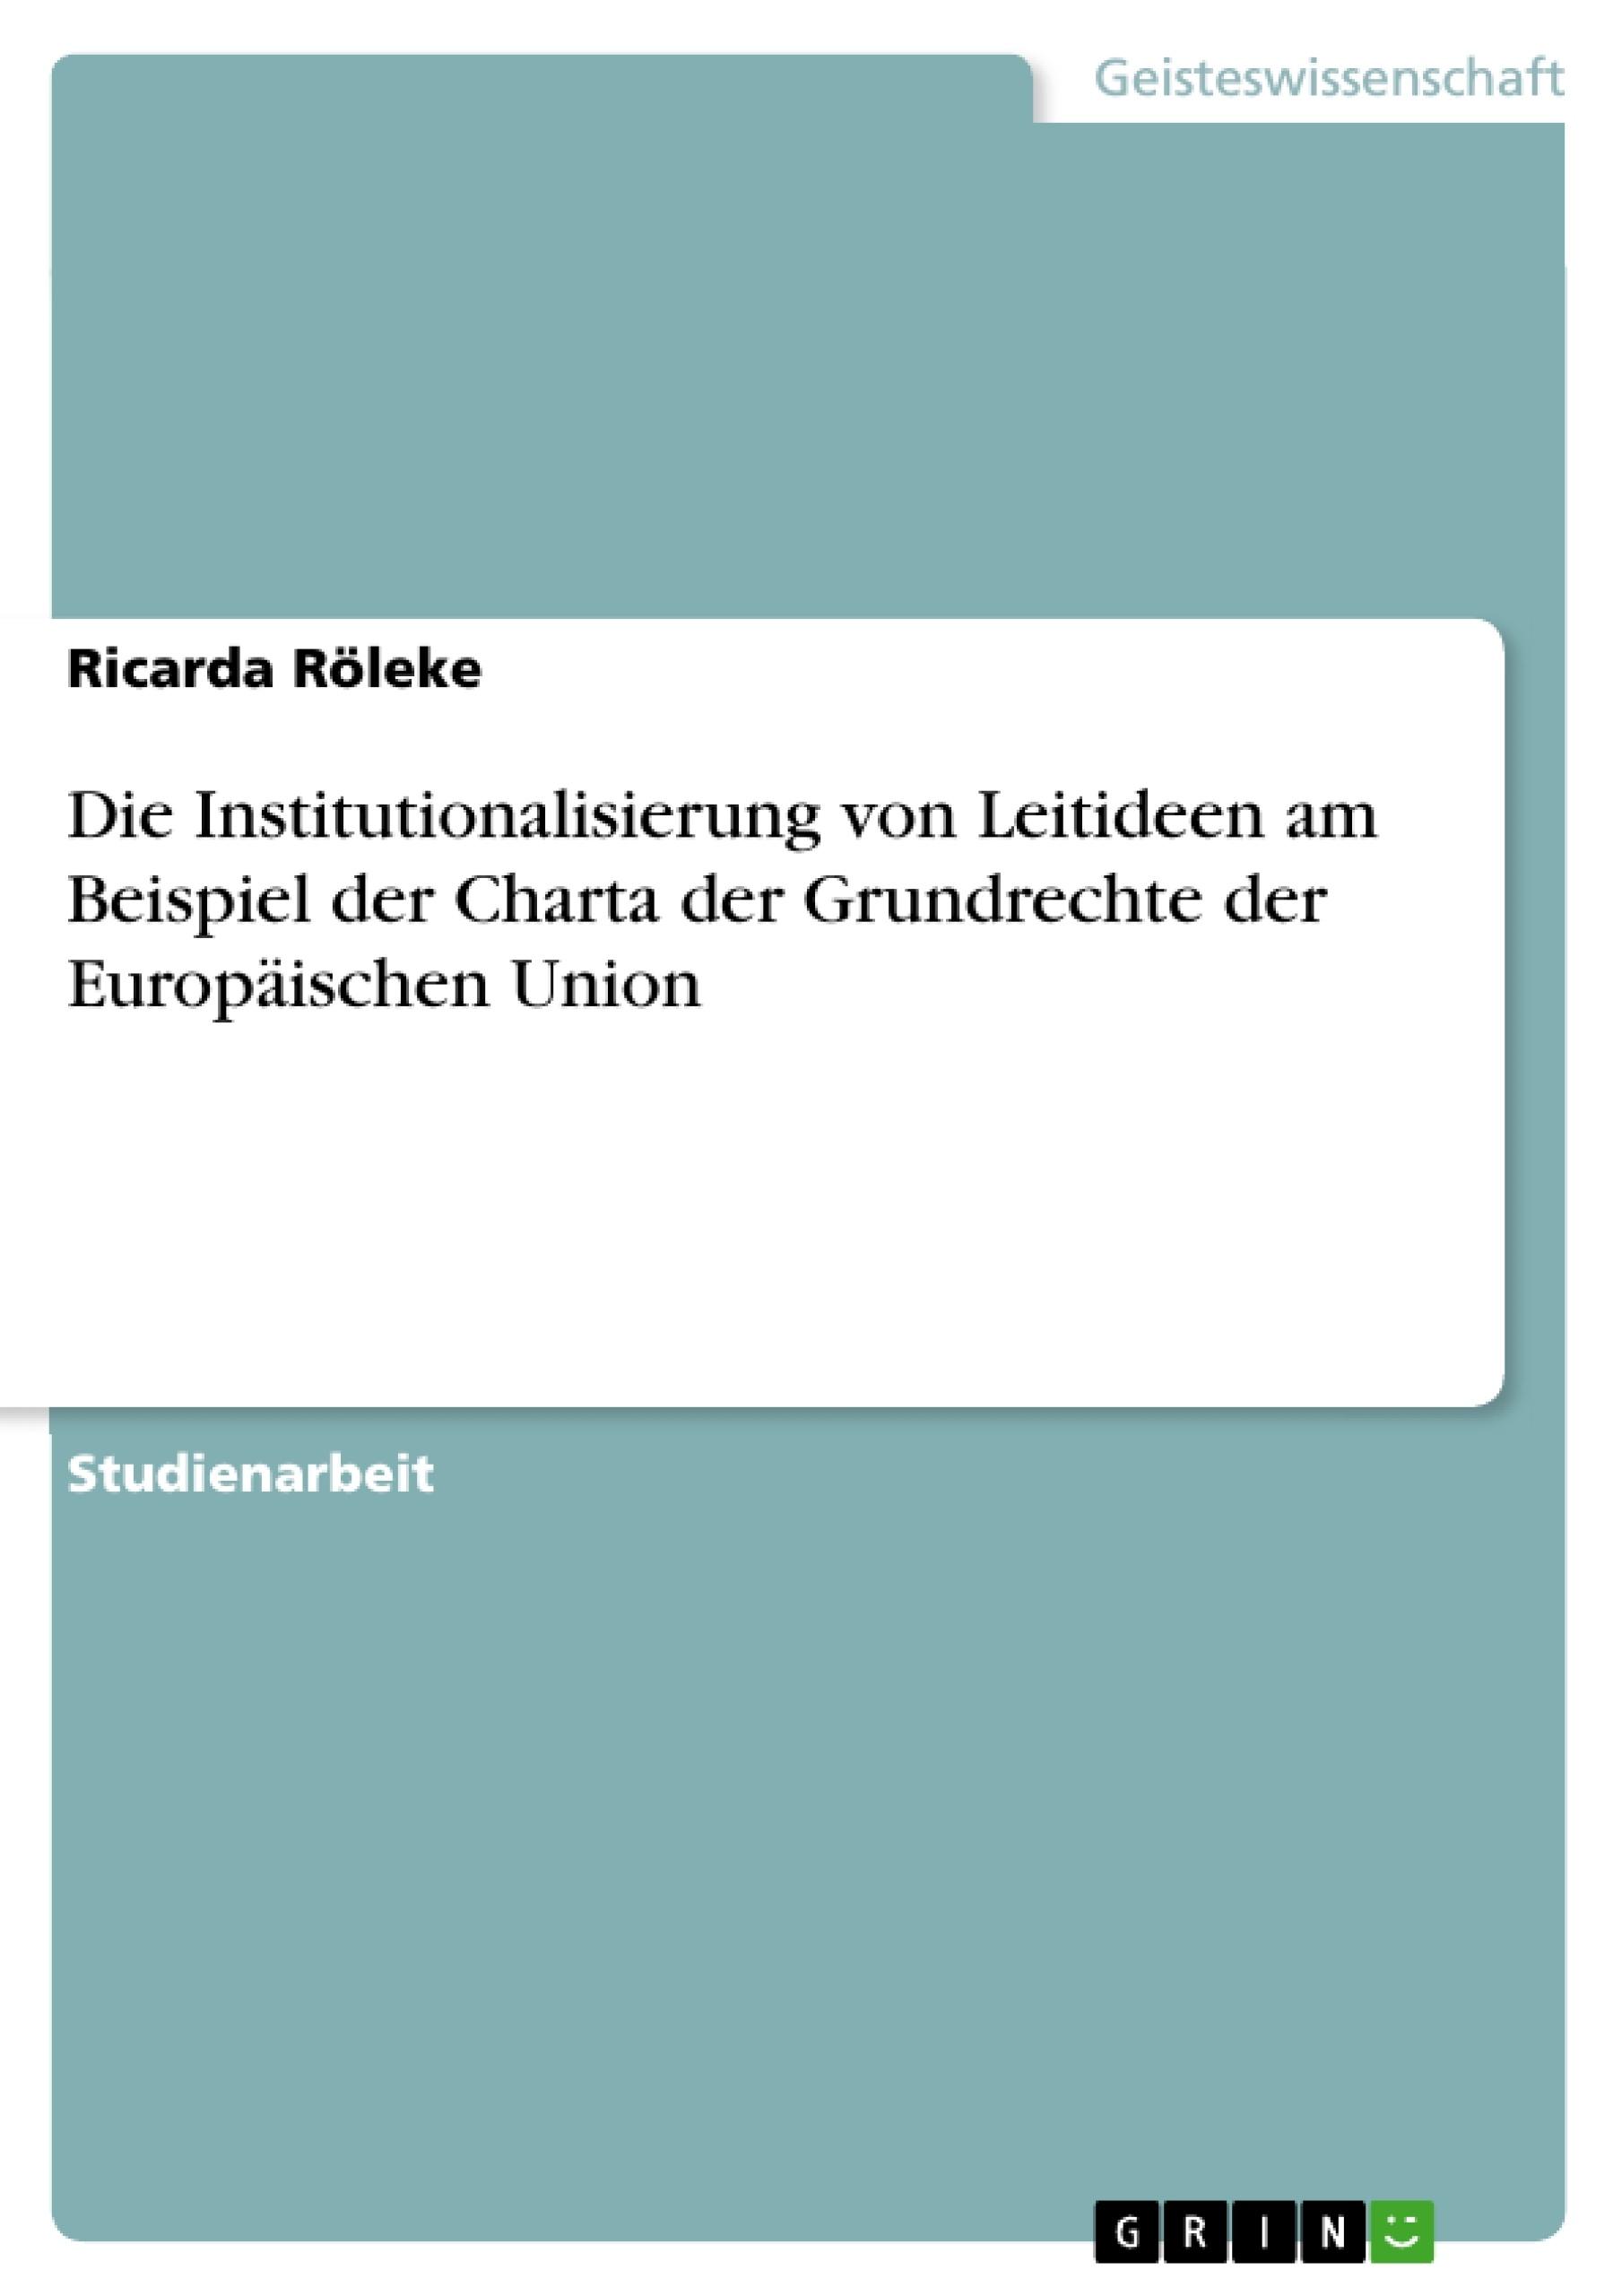 Titel: Die Institutionalisierung von Leitideen  am Beispiel der  Charta der Grundrechte der Europäischen Union